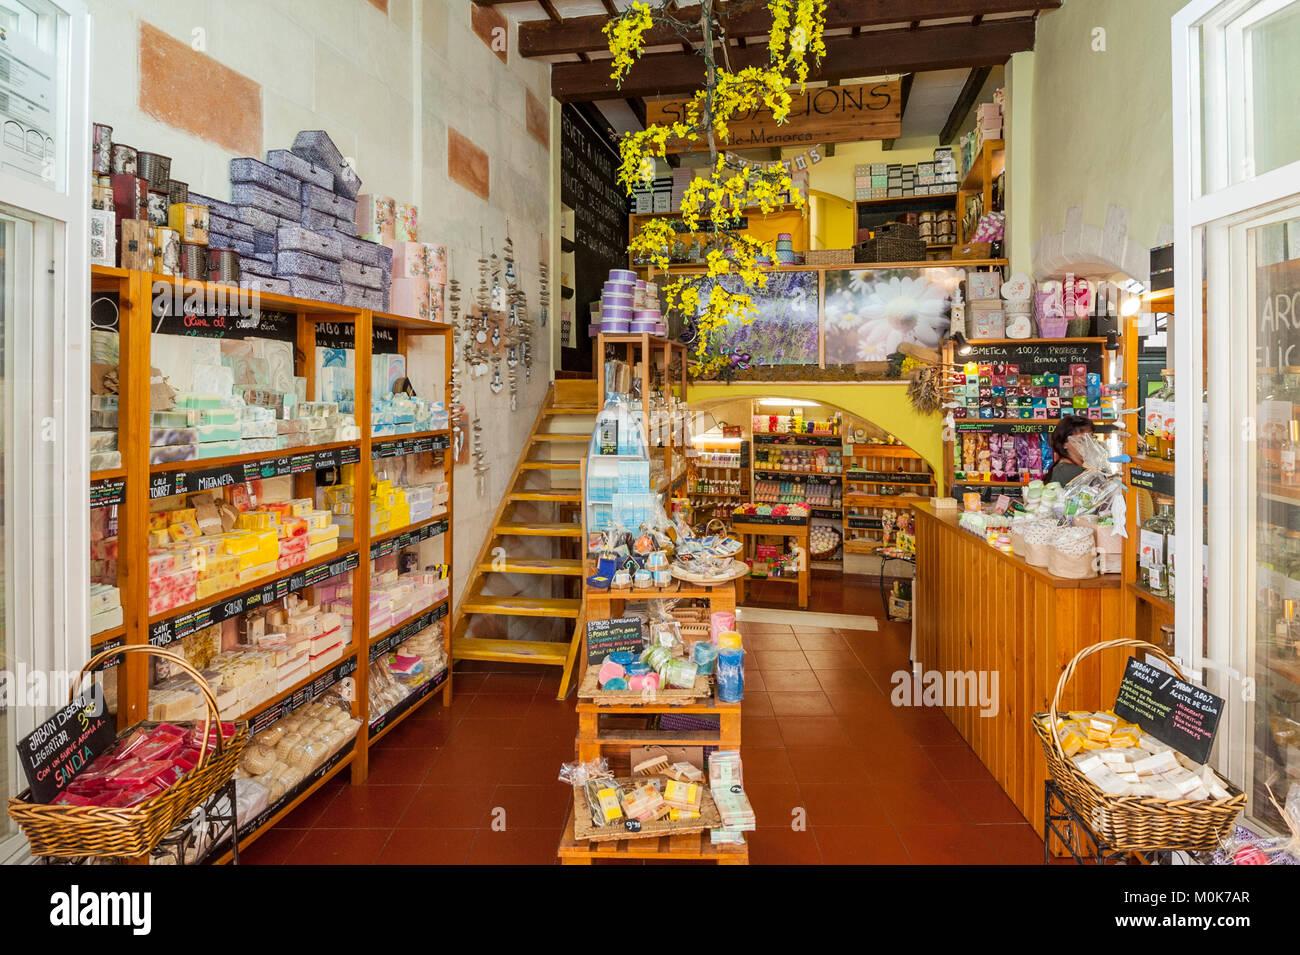 Un magasin de savon à ciutadella de menorca , Menorca , Baléares , Espagne 21d44815e1b5